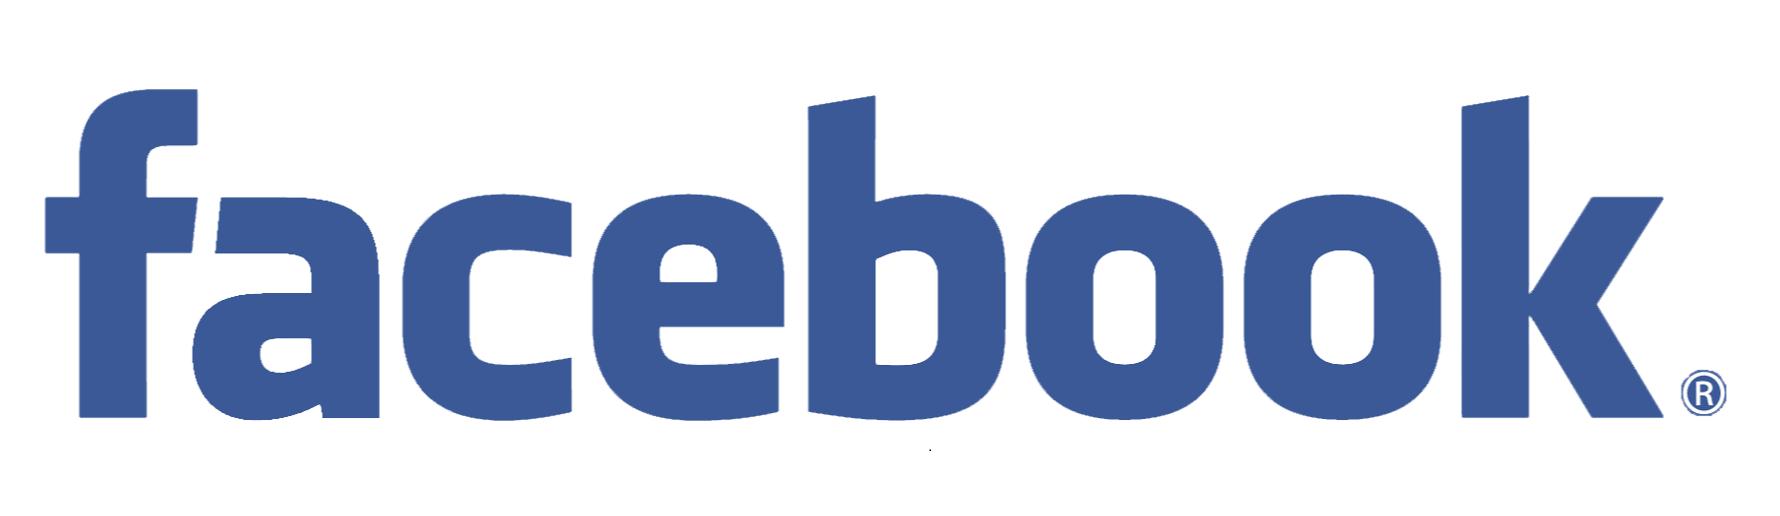 накрутка Фейсбук. Подписчики. Лайки. Накрутка facebook. Накрутка фейсбук.